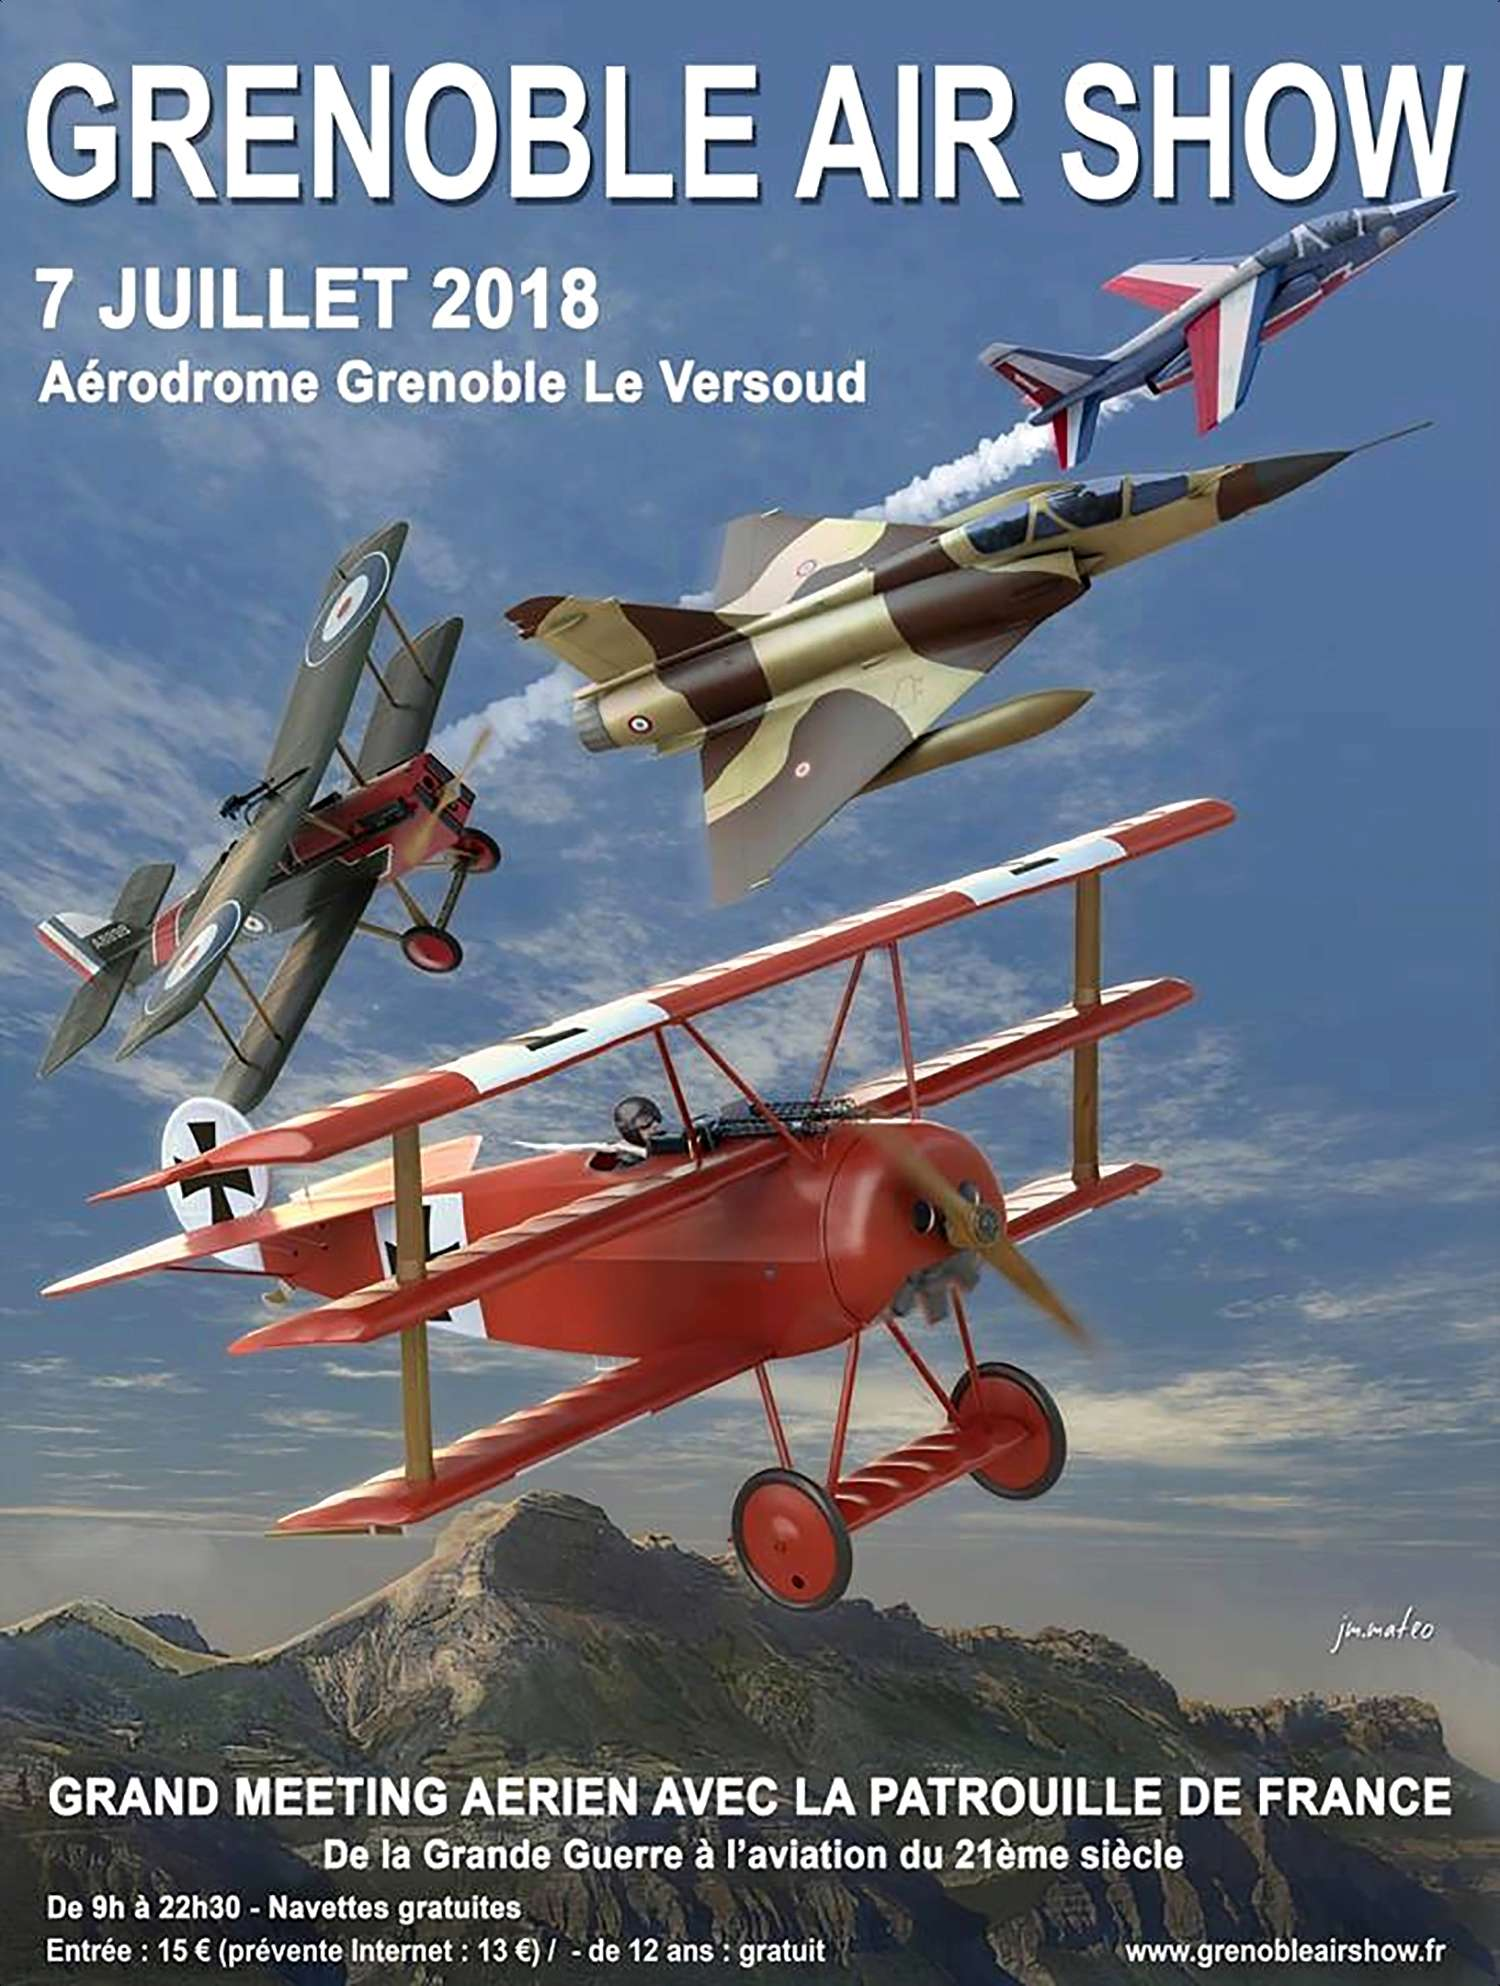 Grenoble Airshow 2018 sunset , 7 juillet, Aerodrome de Grenoble-Versoud , couteau delta 2018 , rhone-Alpes, armée de l'air ,meeting aerien 2018 , Grenoble Air Show